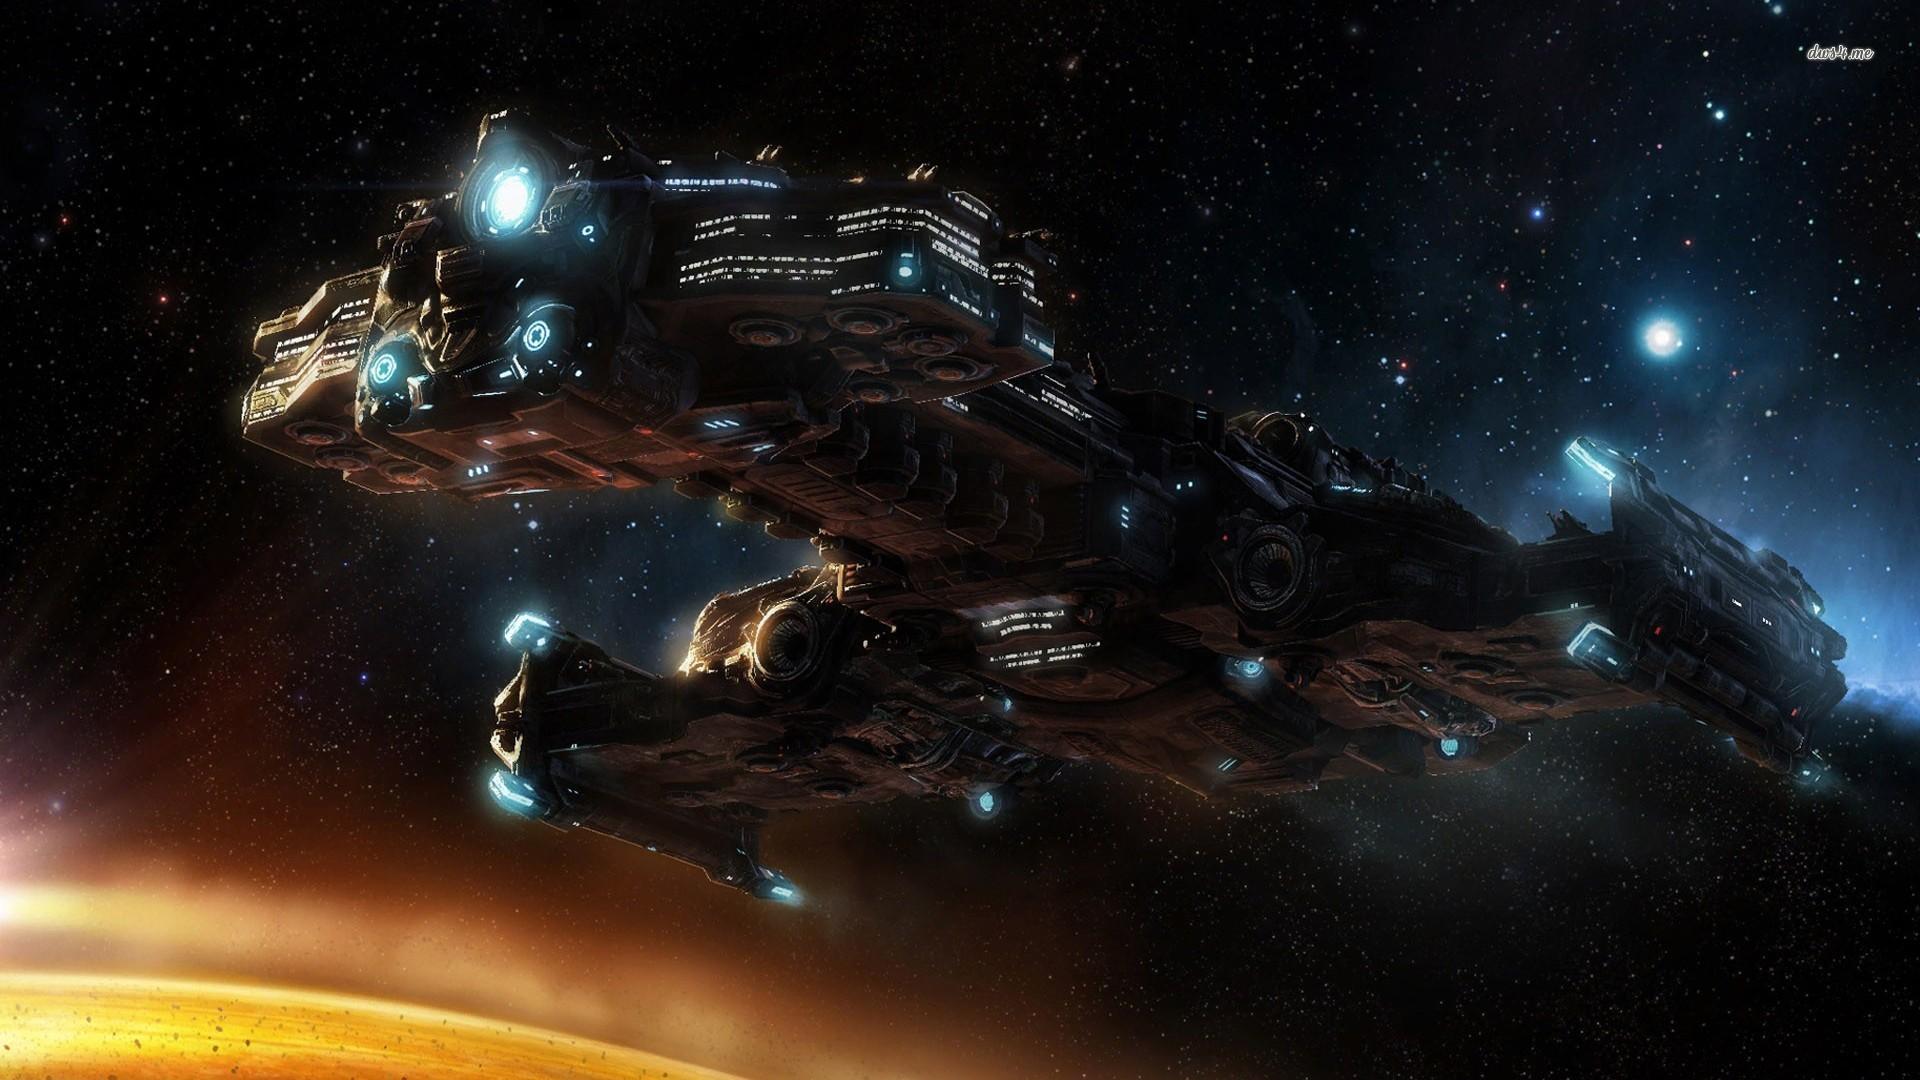 Starcraft 2 hyperion wallpaper 1920x1080 25833 1920x1080